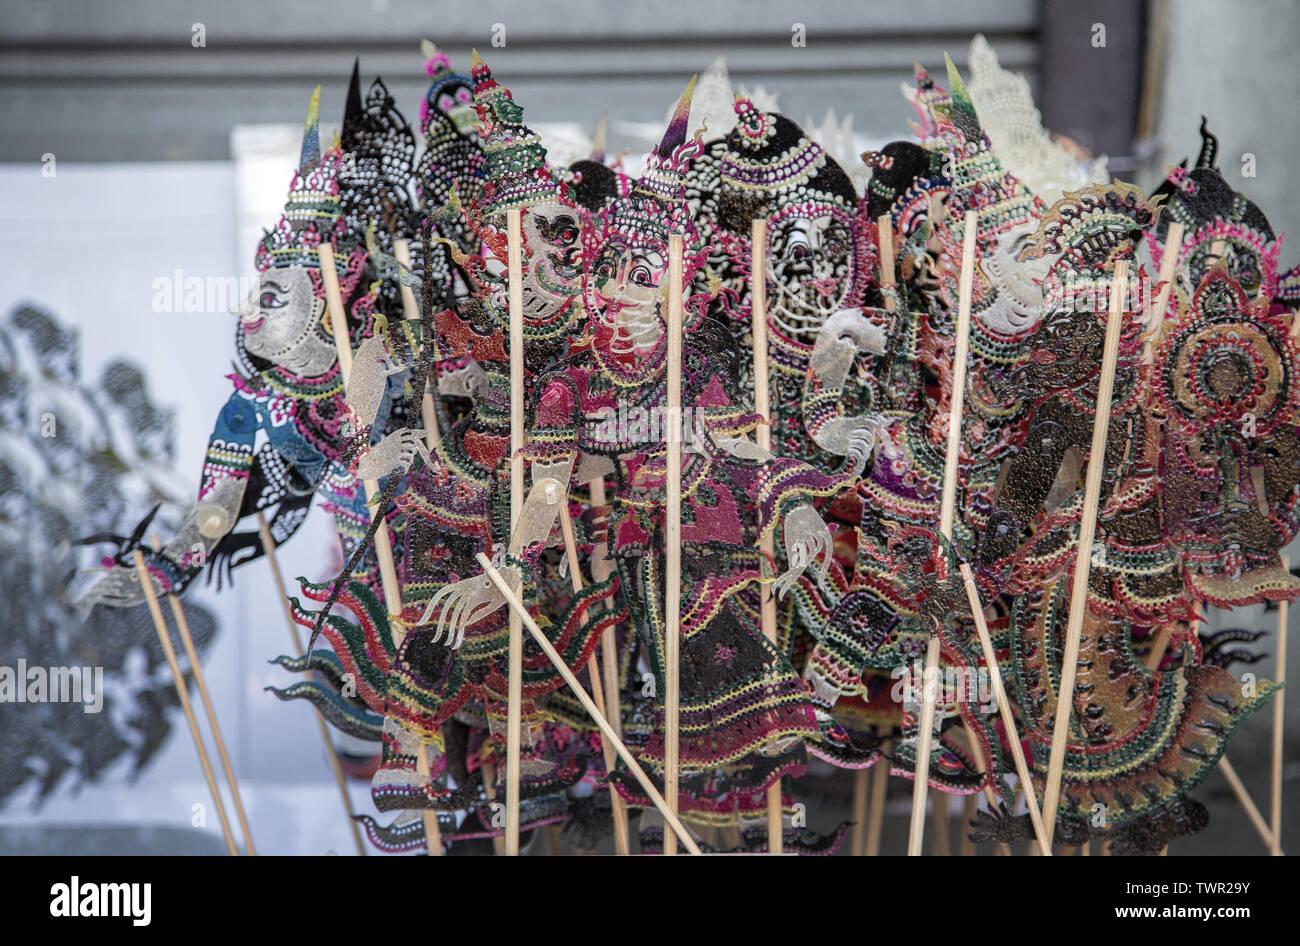 Close up art thaï objet à partir de la marionnette en cuir avec du bois pour nuit performance dans le sud de la Thaïlande la culture. Banque D'Images